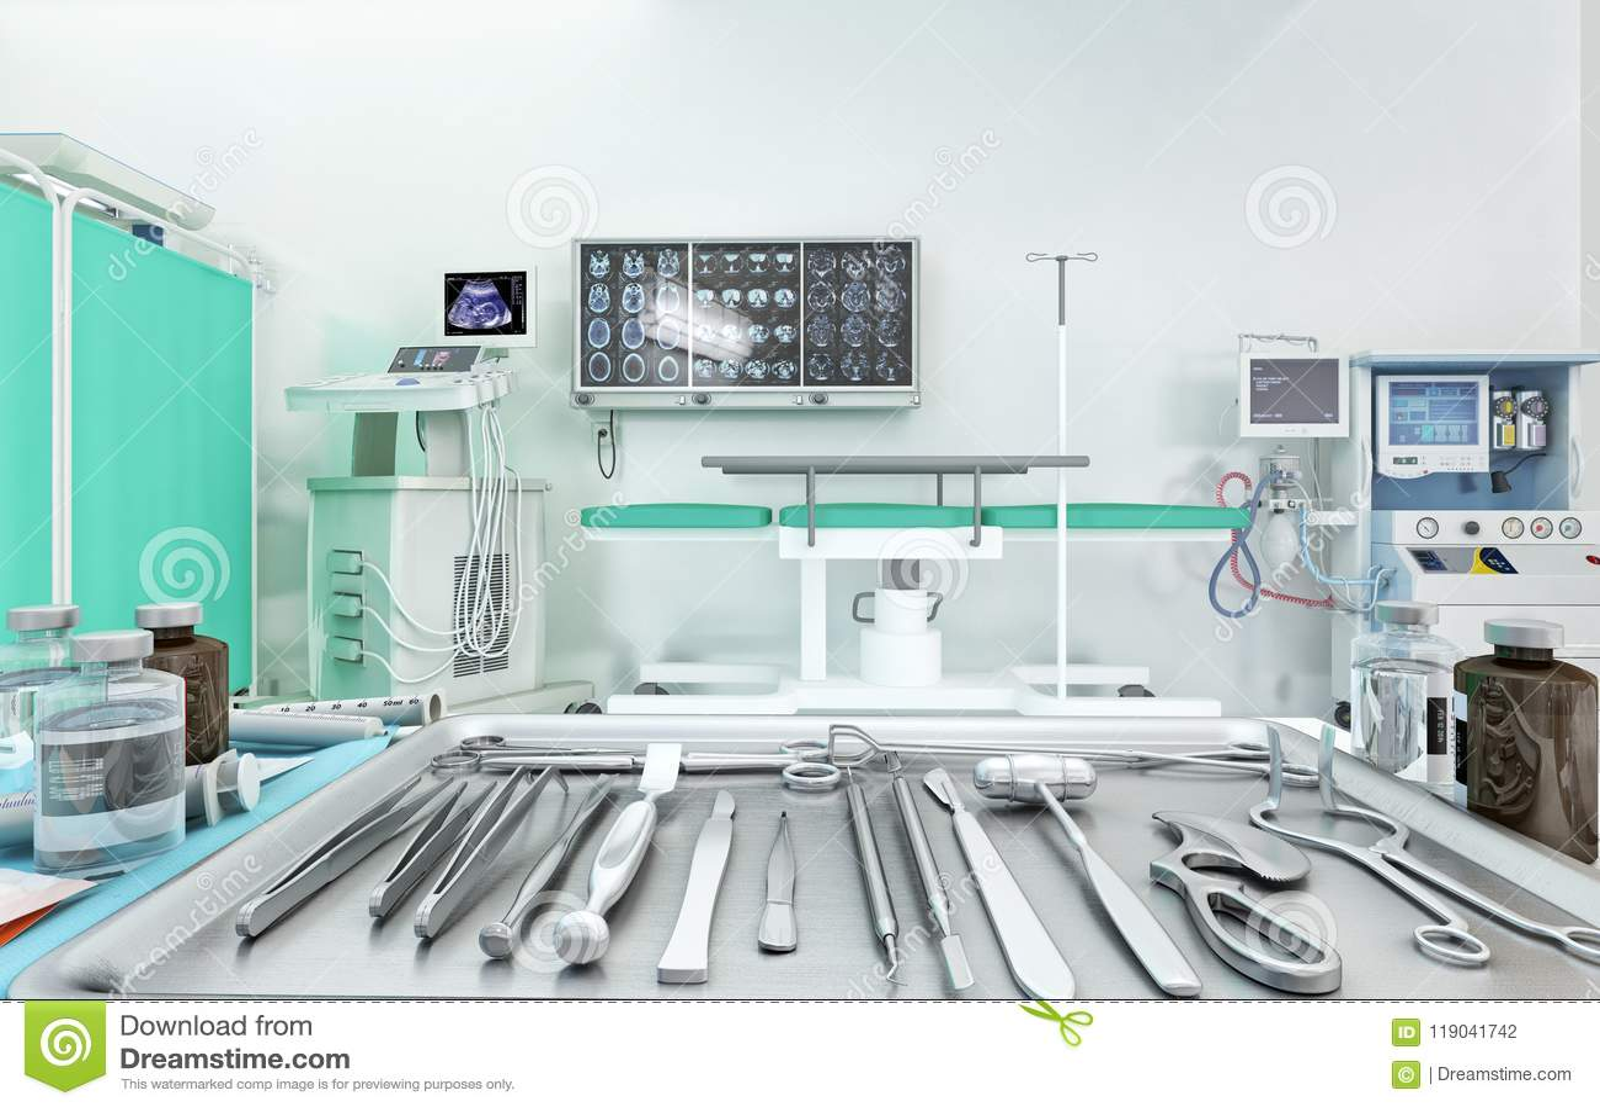 Medische apparatuur, apparaten in moderne werkende ruimte 3D Illustratie